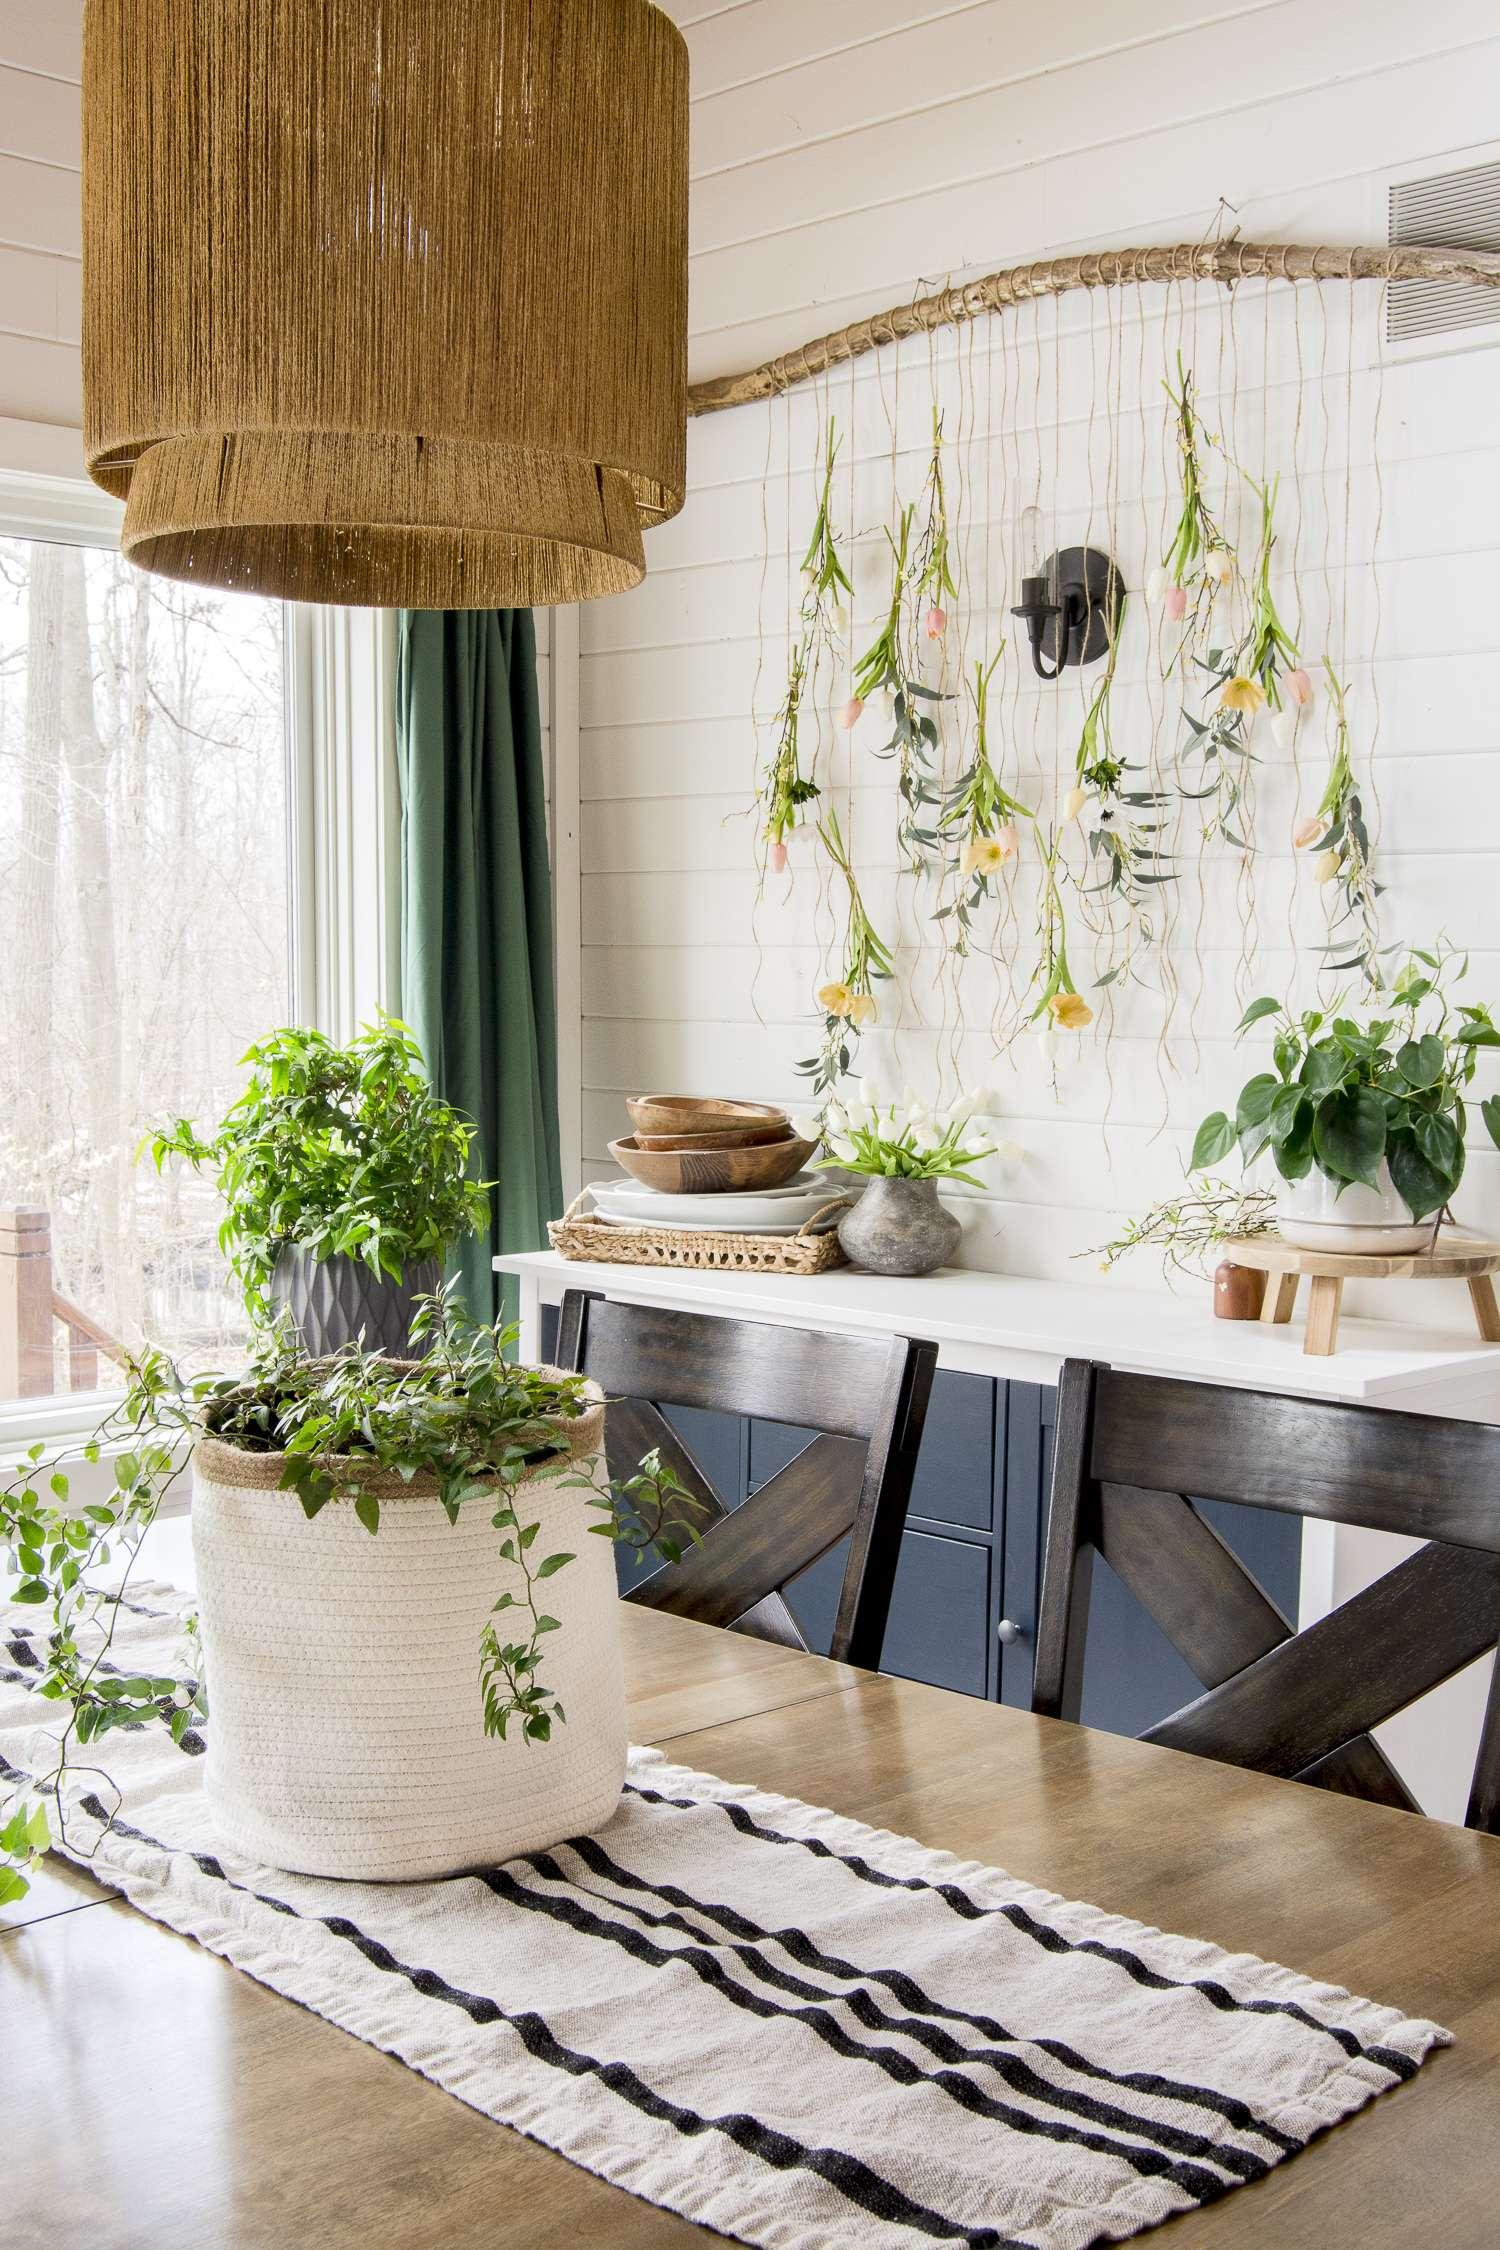 Spring dining room decor ideas.